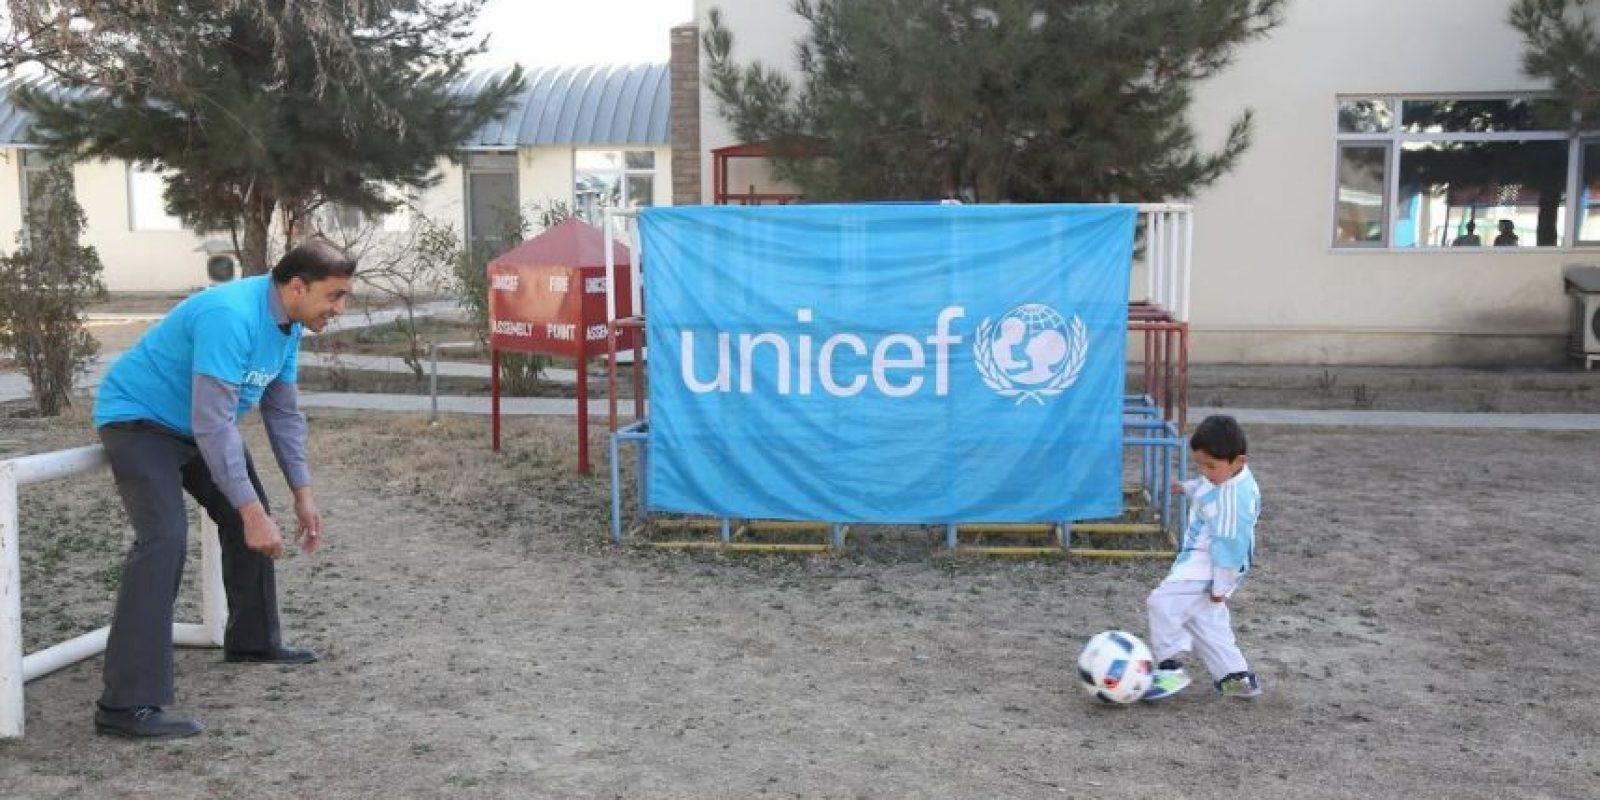 De acuerdo a una entrevista brindada por su tío, tanto la embajada española y el Barcelona están trabajando en ello Foto:facebook.com/afghanistanunicef/